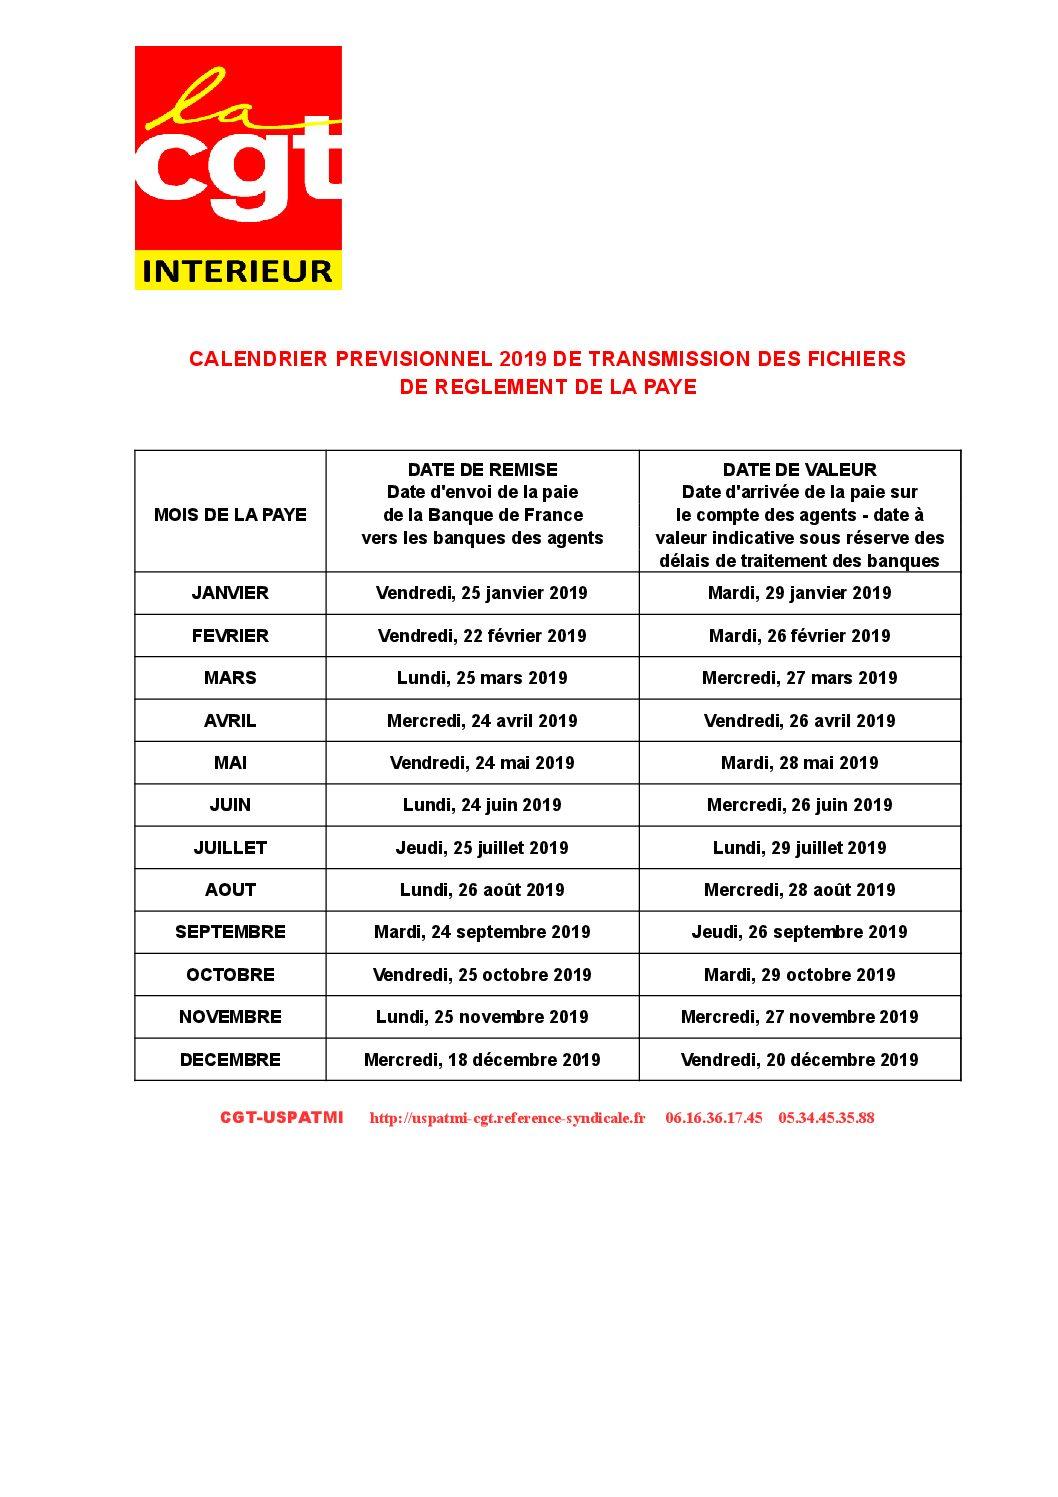 Concours Fonction Publique Categorie C Calendrier.Calendrier De La Paye 2019 Cgt Uspatmi